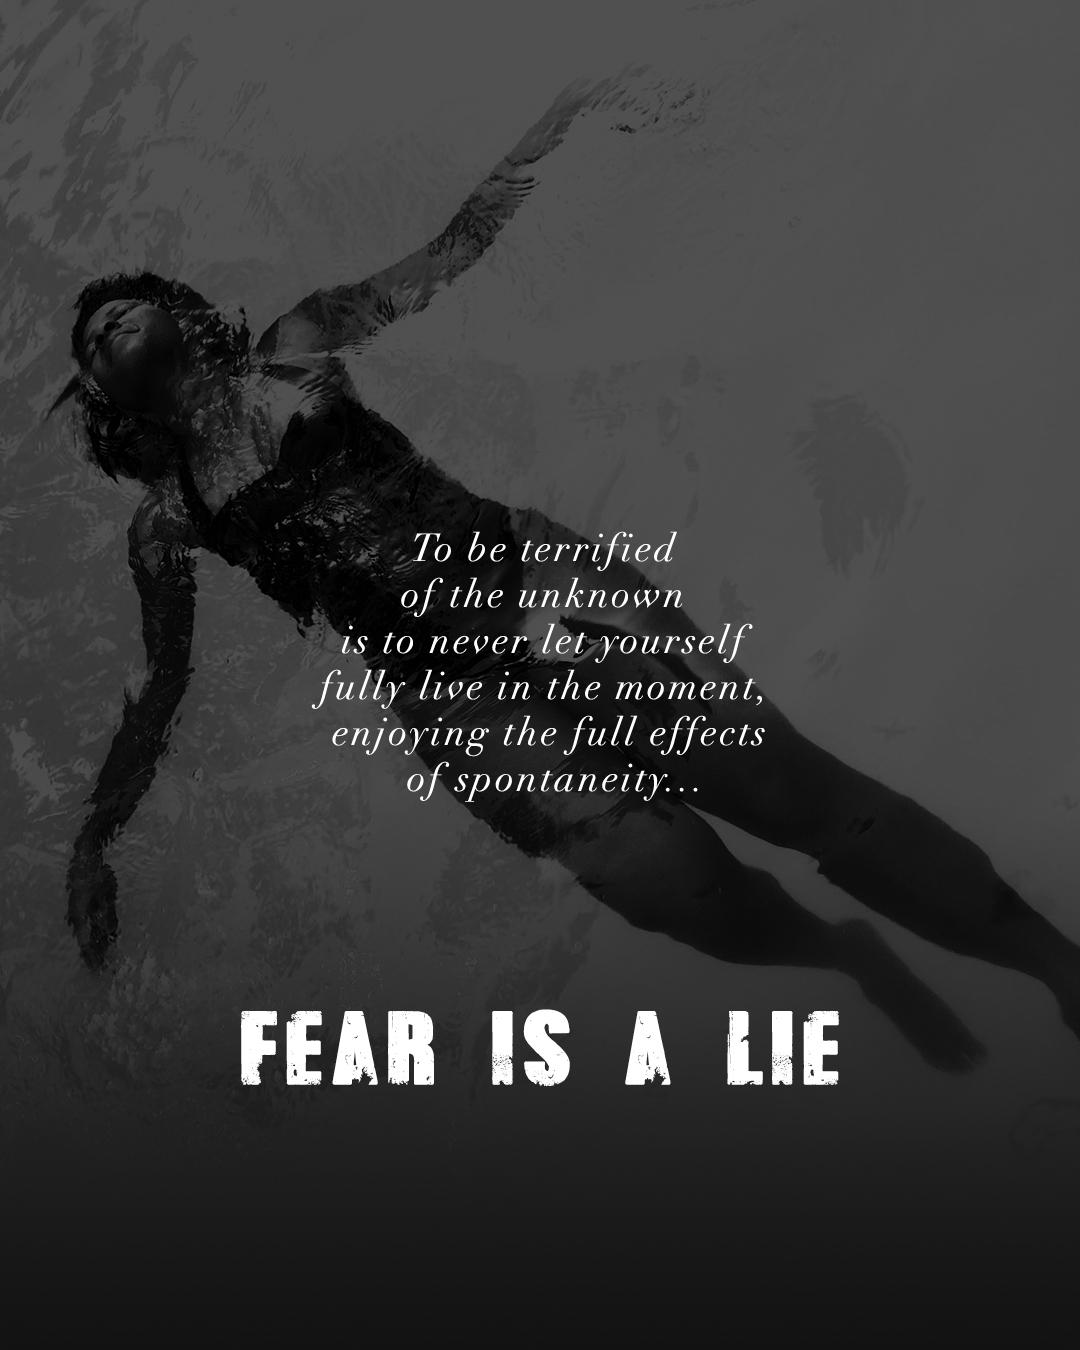 fear_is_a_lie_post4.jpg